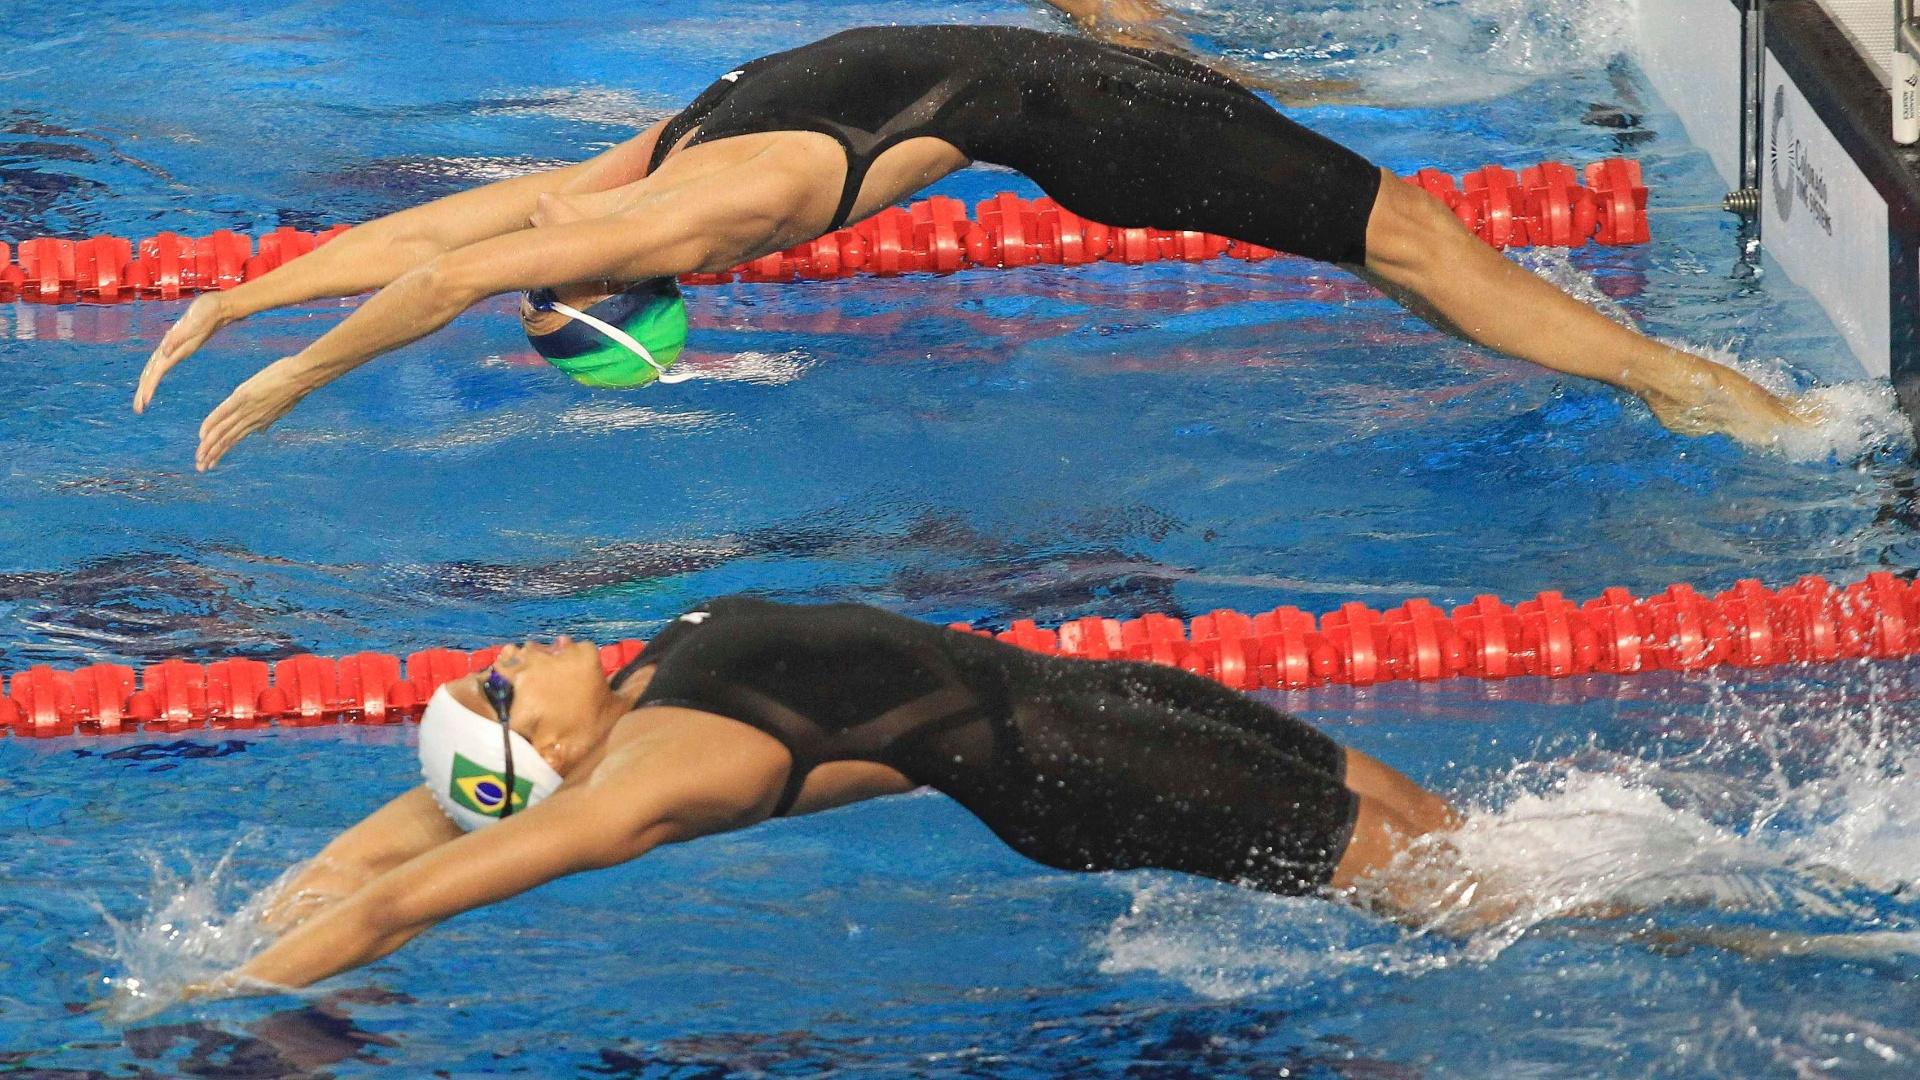 Brasileiras Fabiana Molina (acima) e Etiene Medeiros iniciam eliminatória dos 100m costas. Molina garante vaga na final, enquanto Medeiros fica fora (16/10/2011)